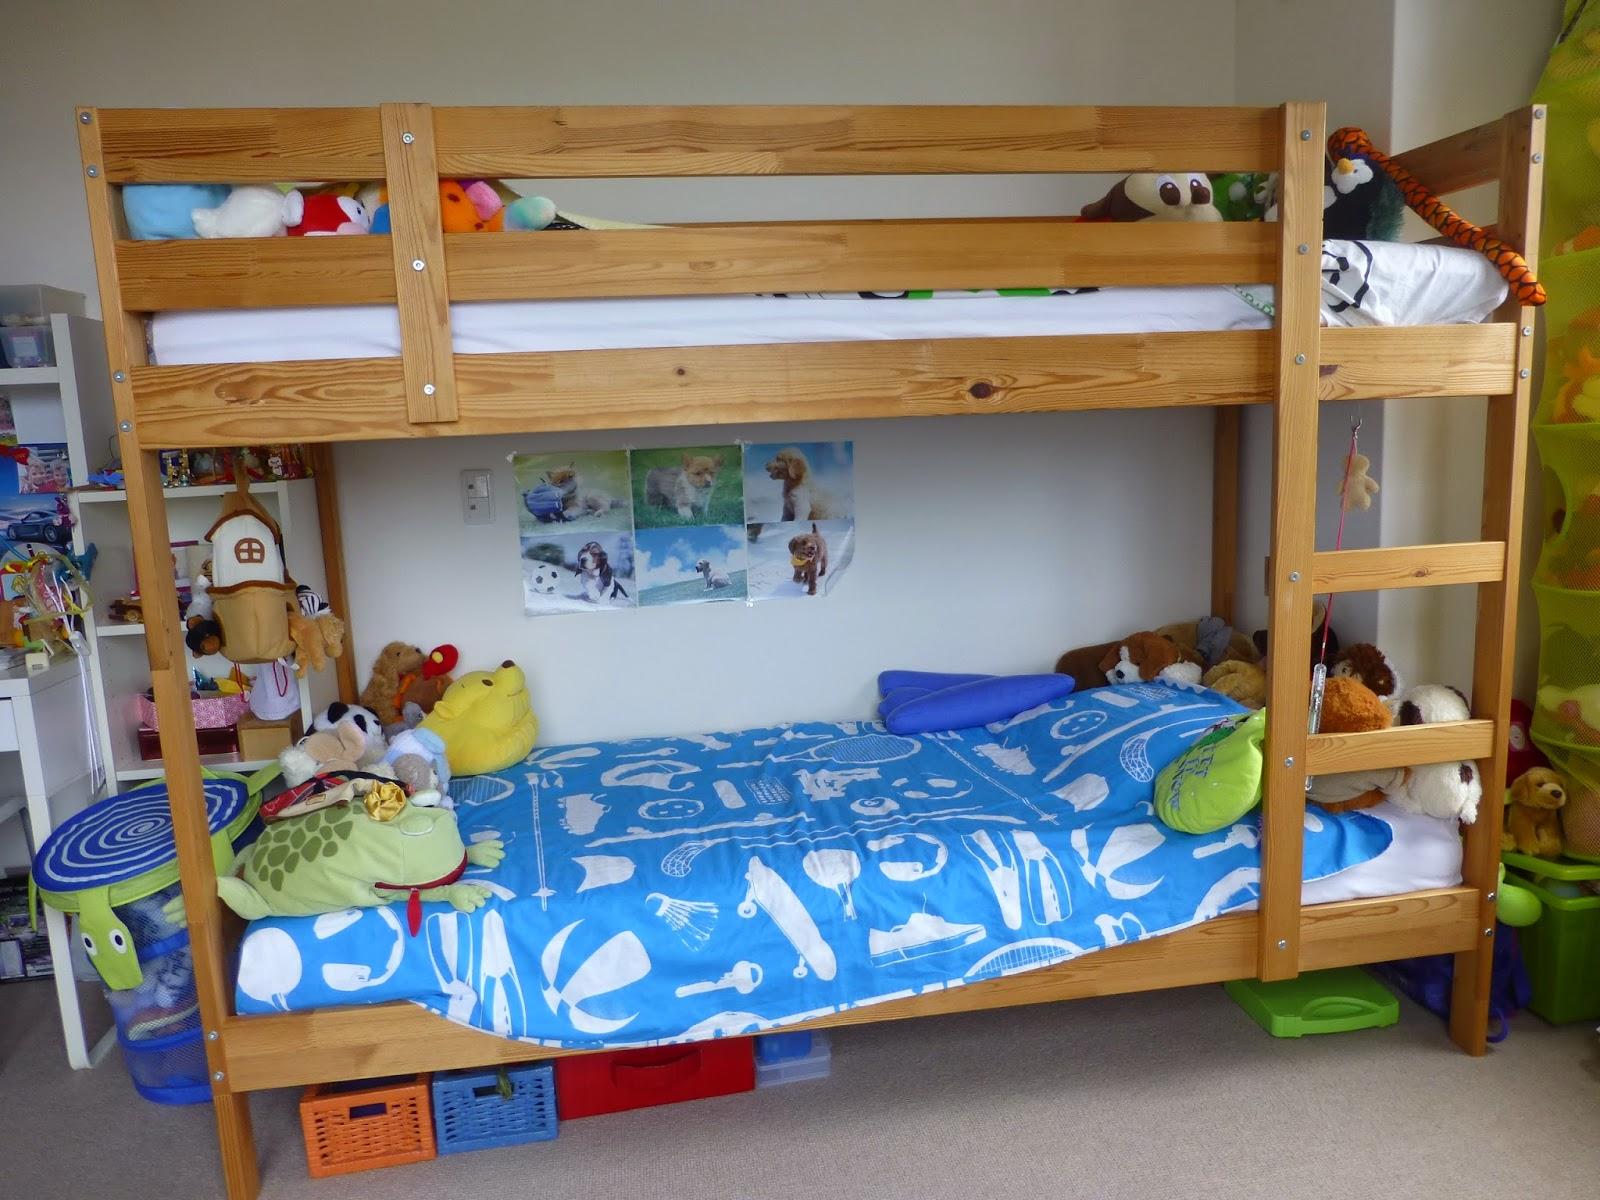 lit superpose ikea. Black Bedroom Furniture Sets. Home Design Ideas